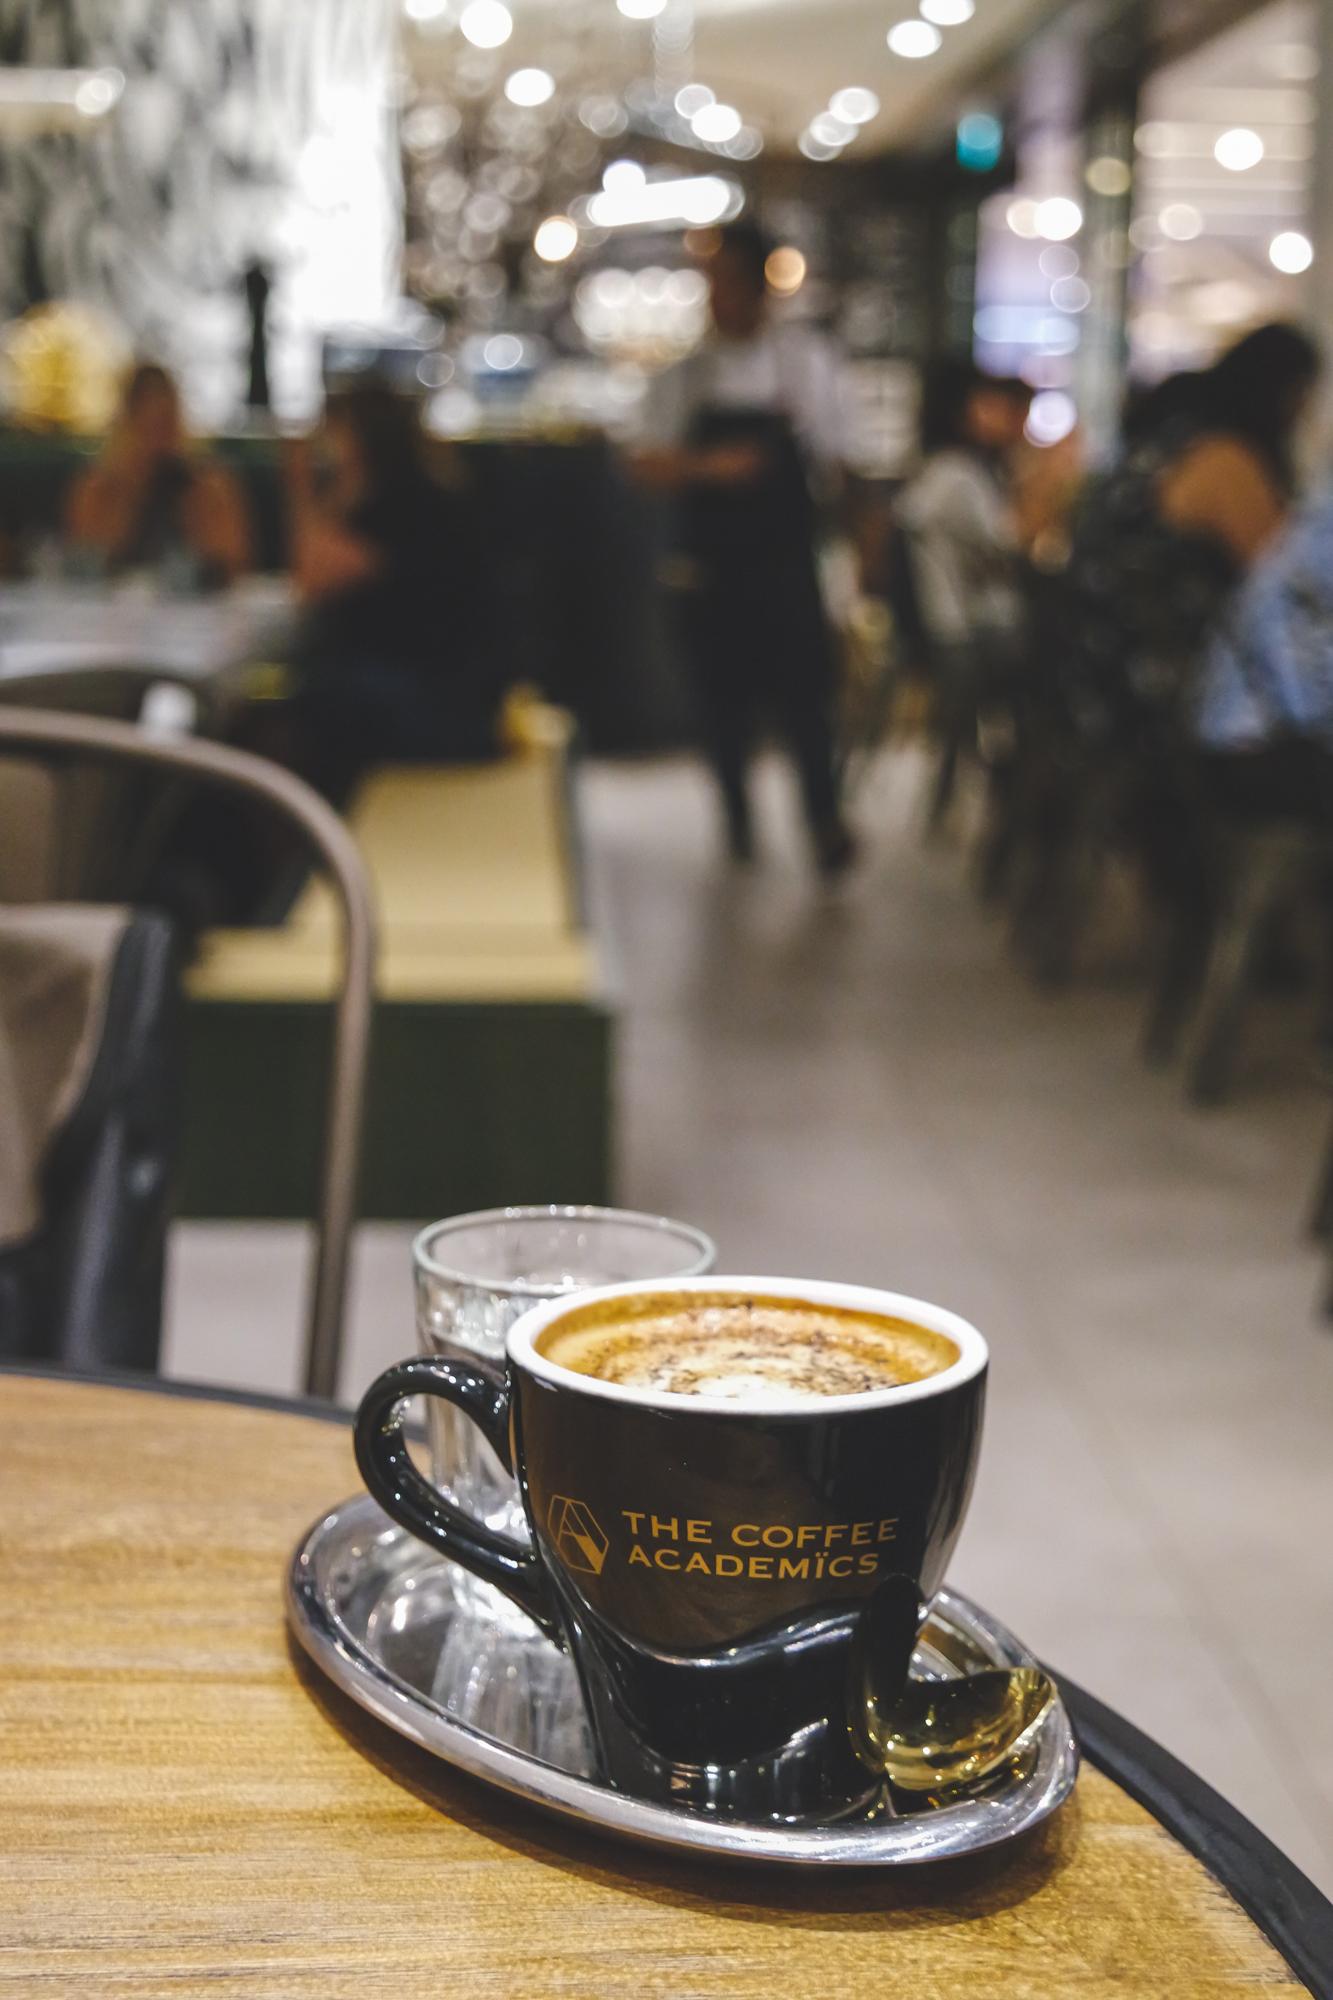 The-Coffee-Academics-singapore-20